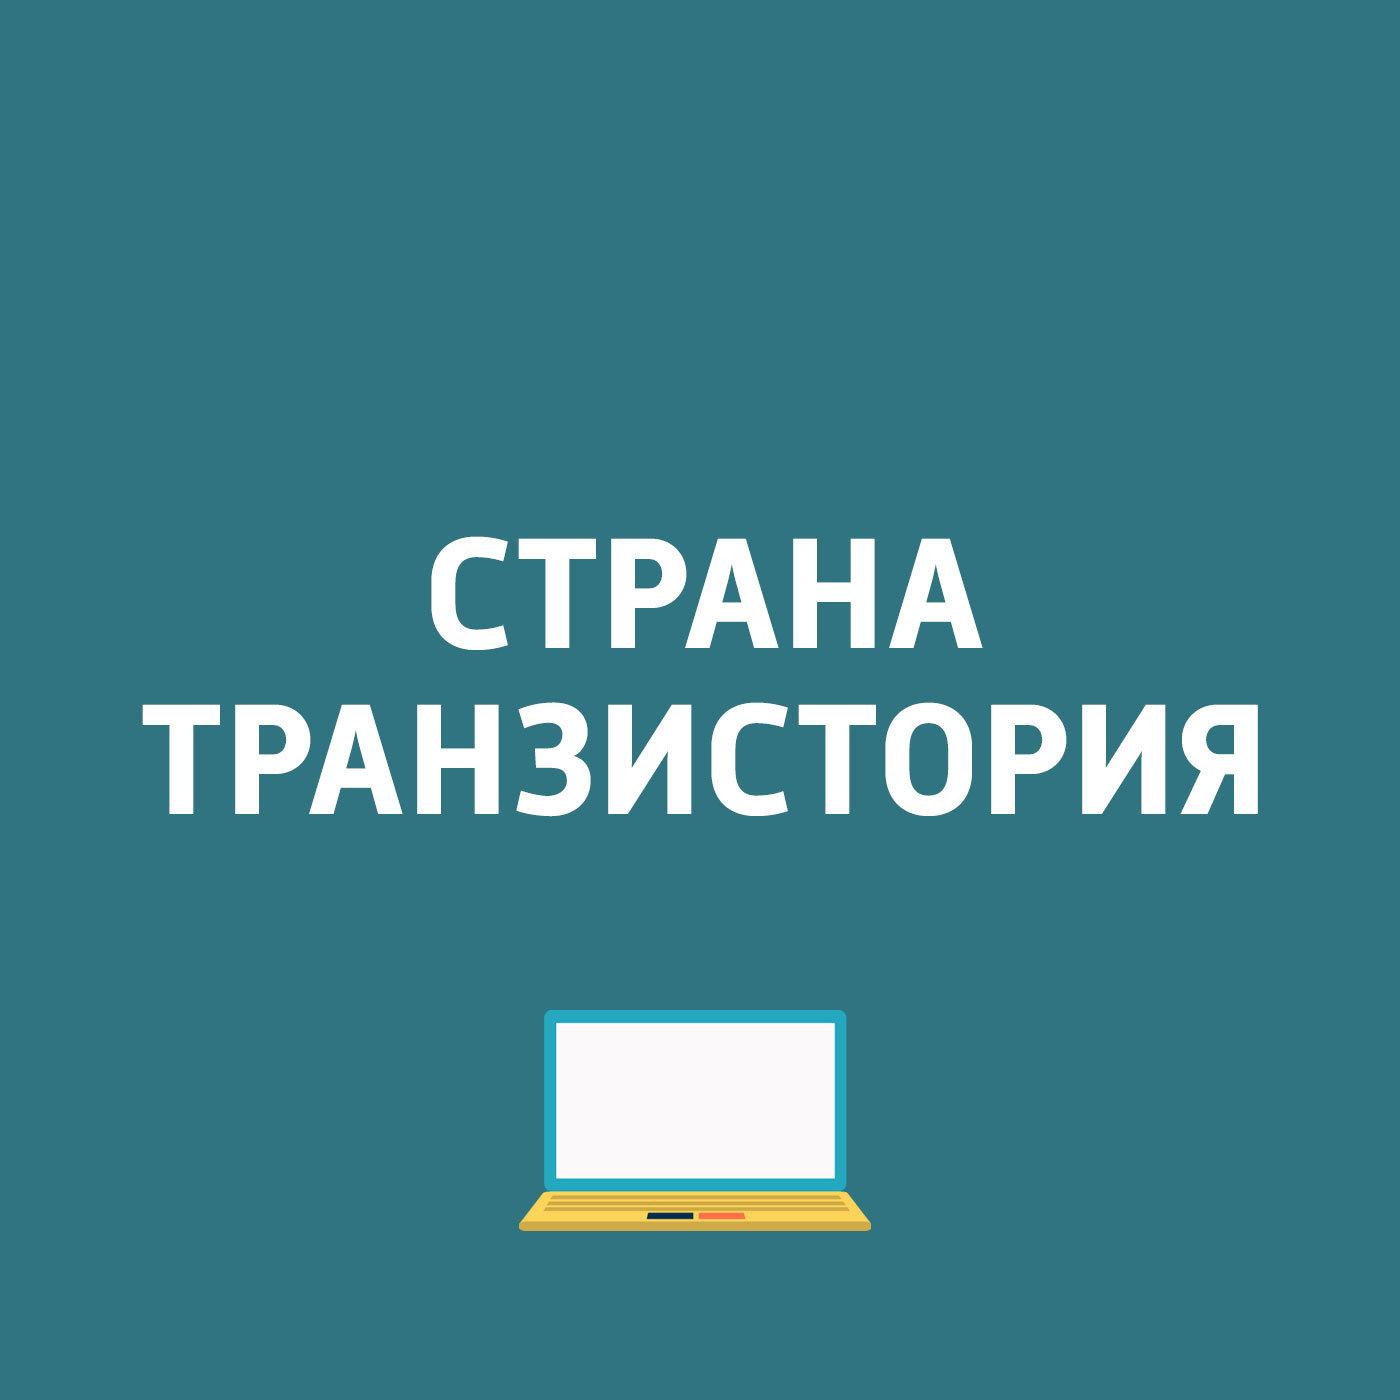 Картаев Павел Открытие World Mobile Congress картаев павел балтийское море